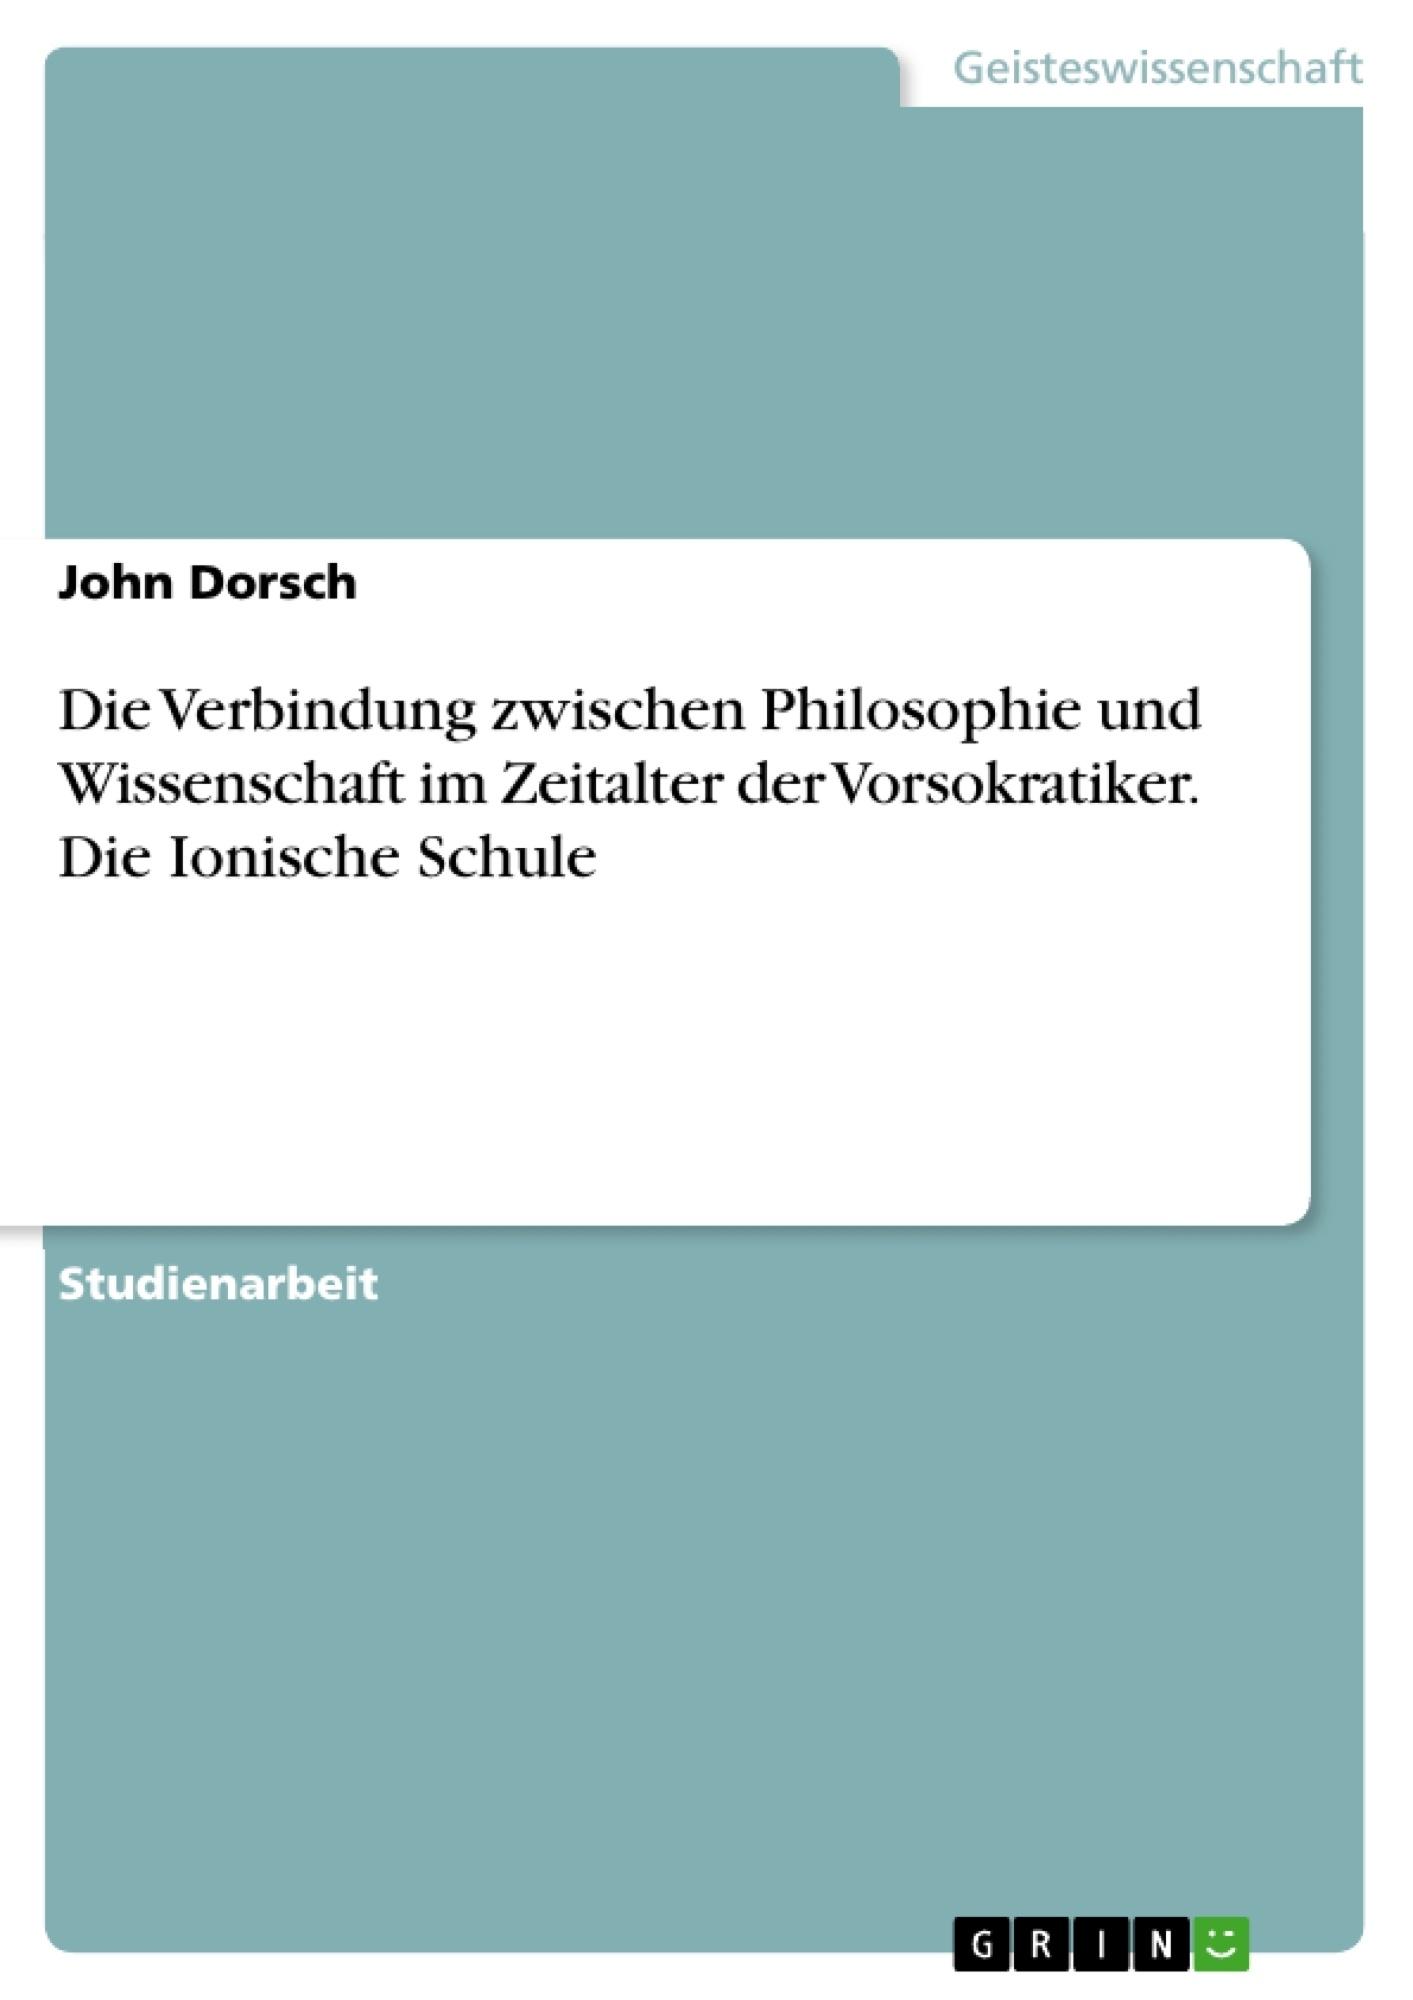 Titel: Die Verbindung zwischen Philosophie und Wissenschaft im Zeitalter der Vorsokratiker. Die Ionische Schule